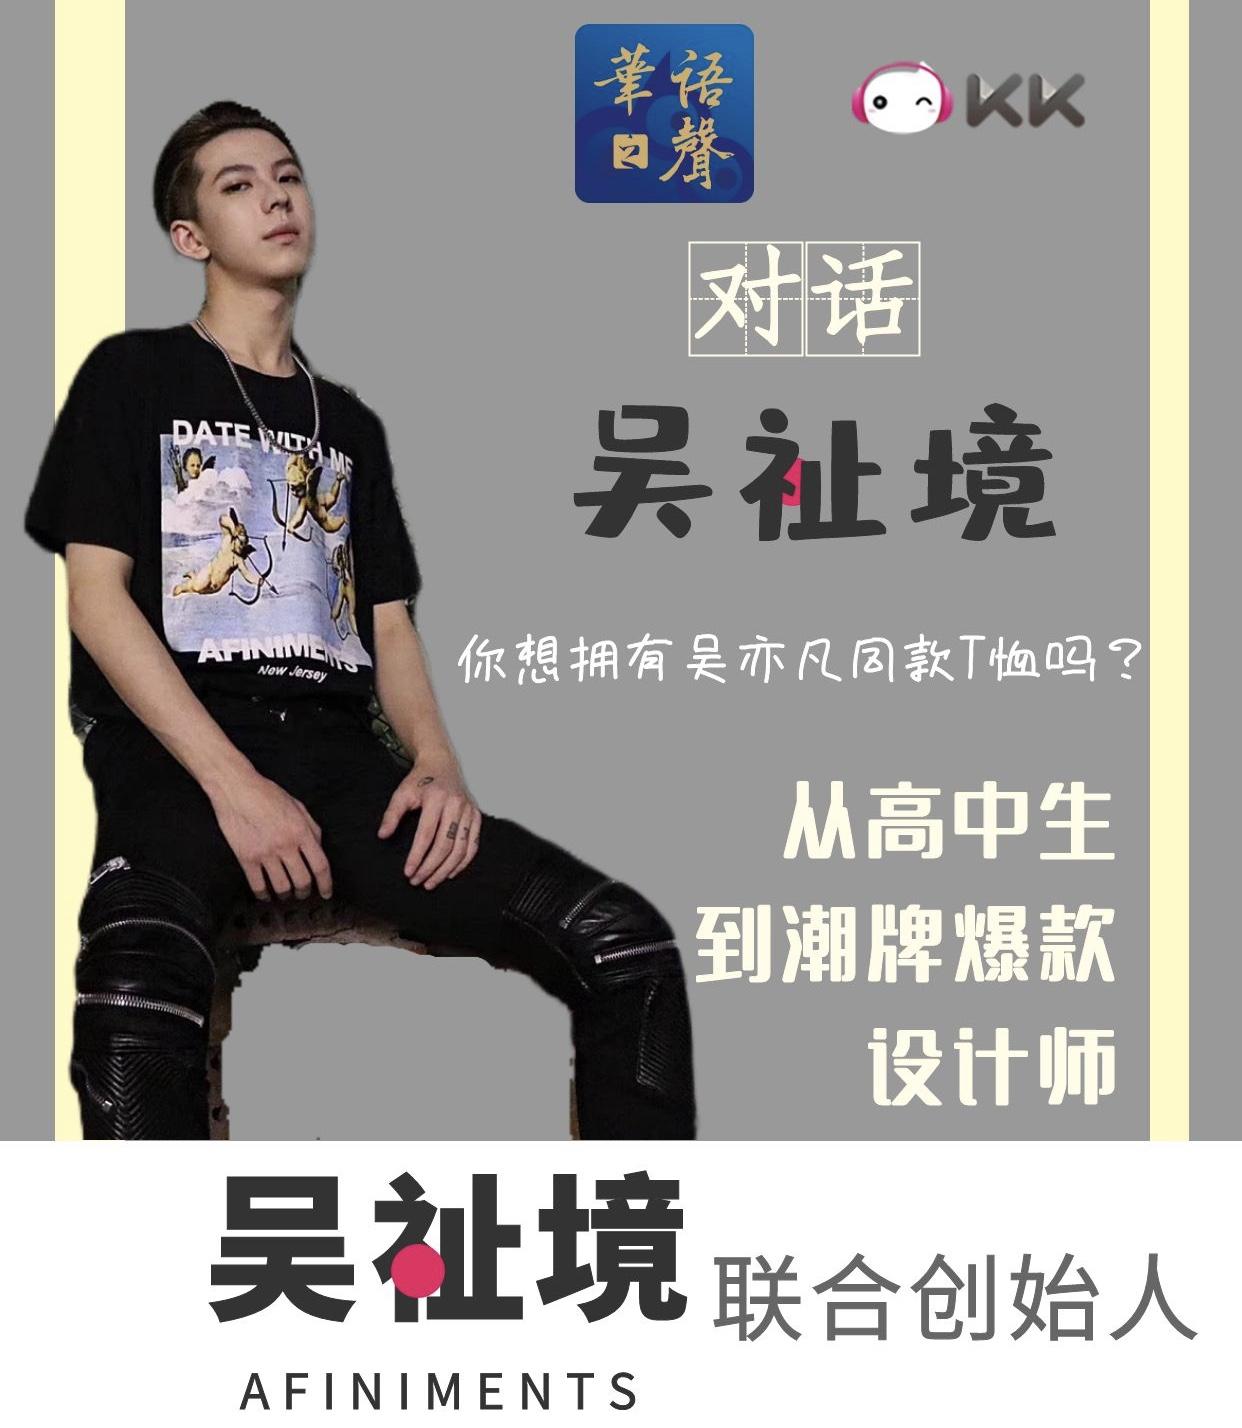 《时尚之道》——18岁高颜值设计师吴祉境和他的品牌AFINIMENTS